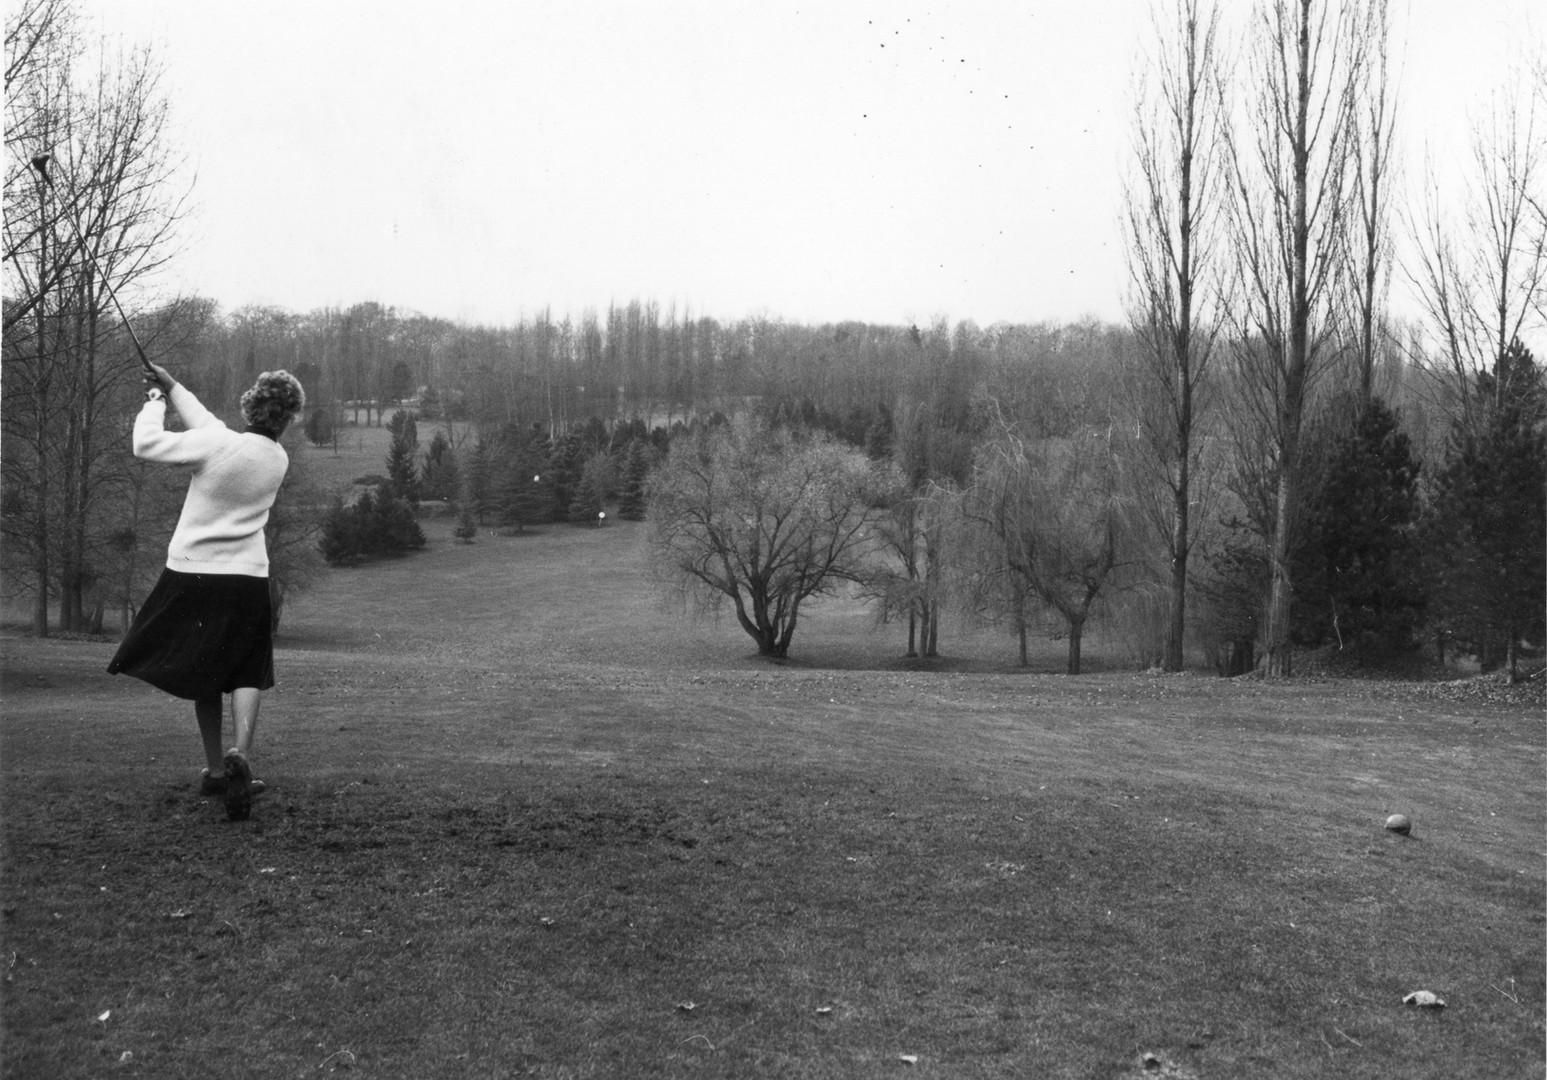 Golf-de-fourqueux-histoire-5.jpg